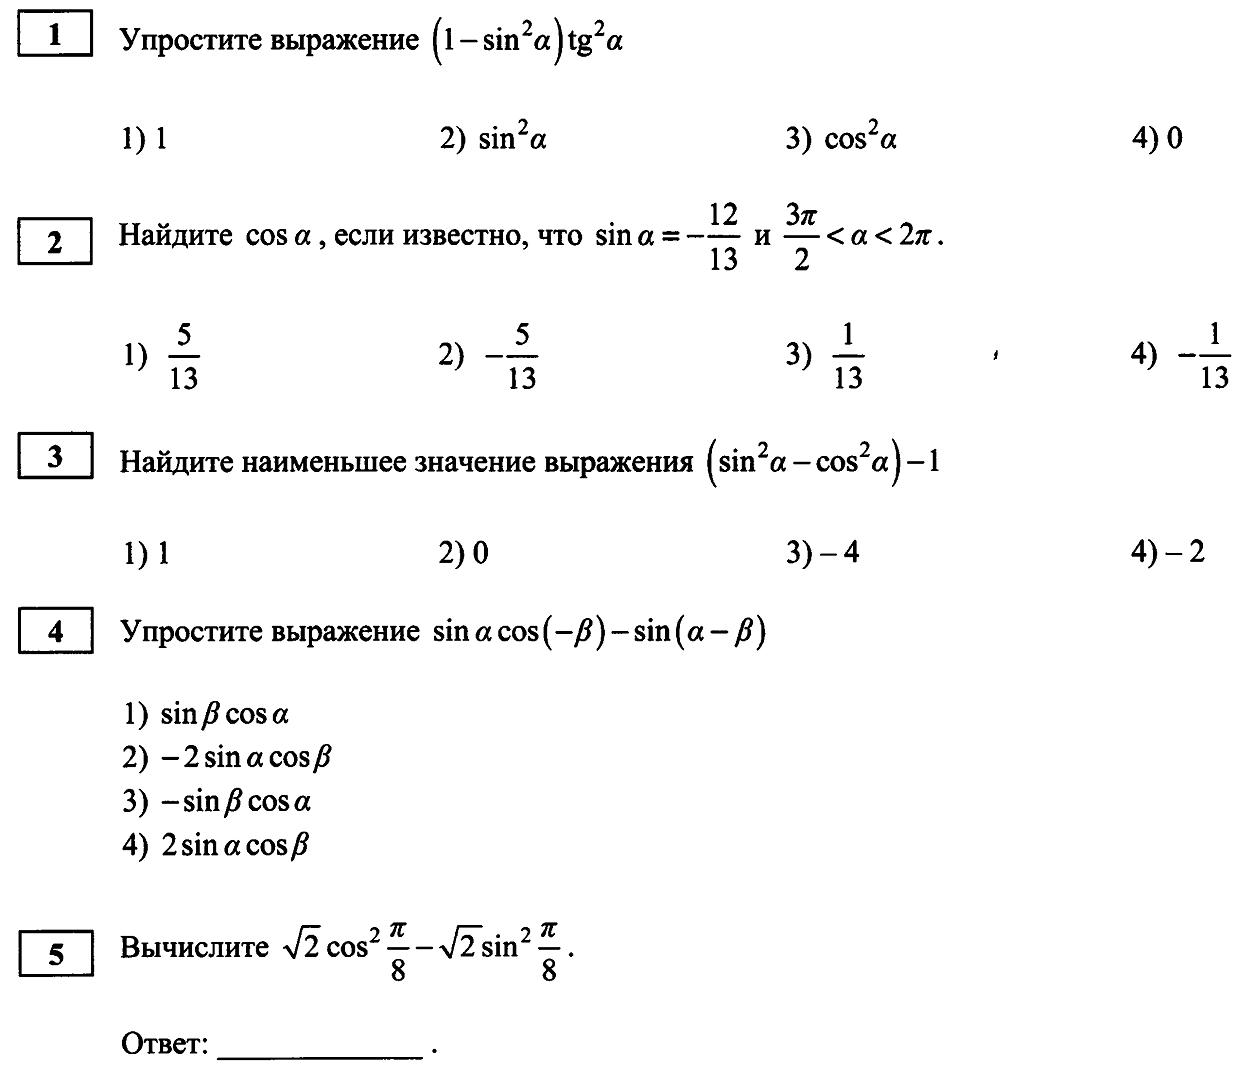 Срез по алгебре за 9 класс